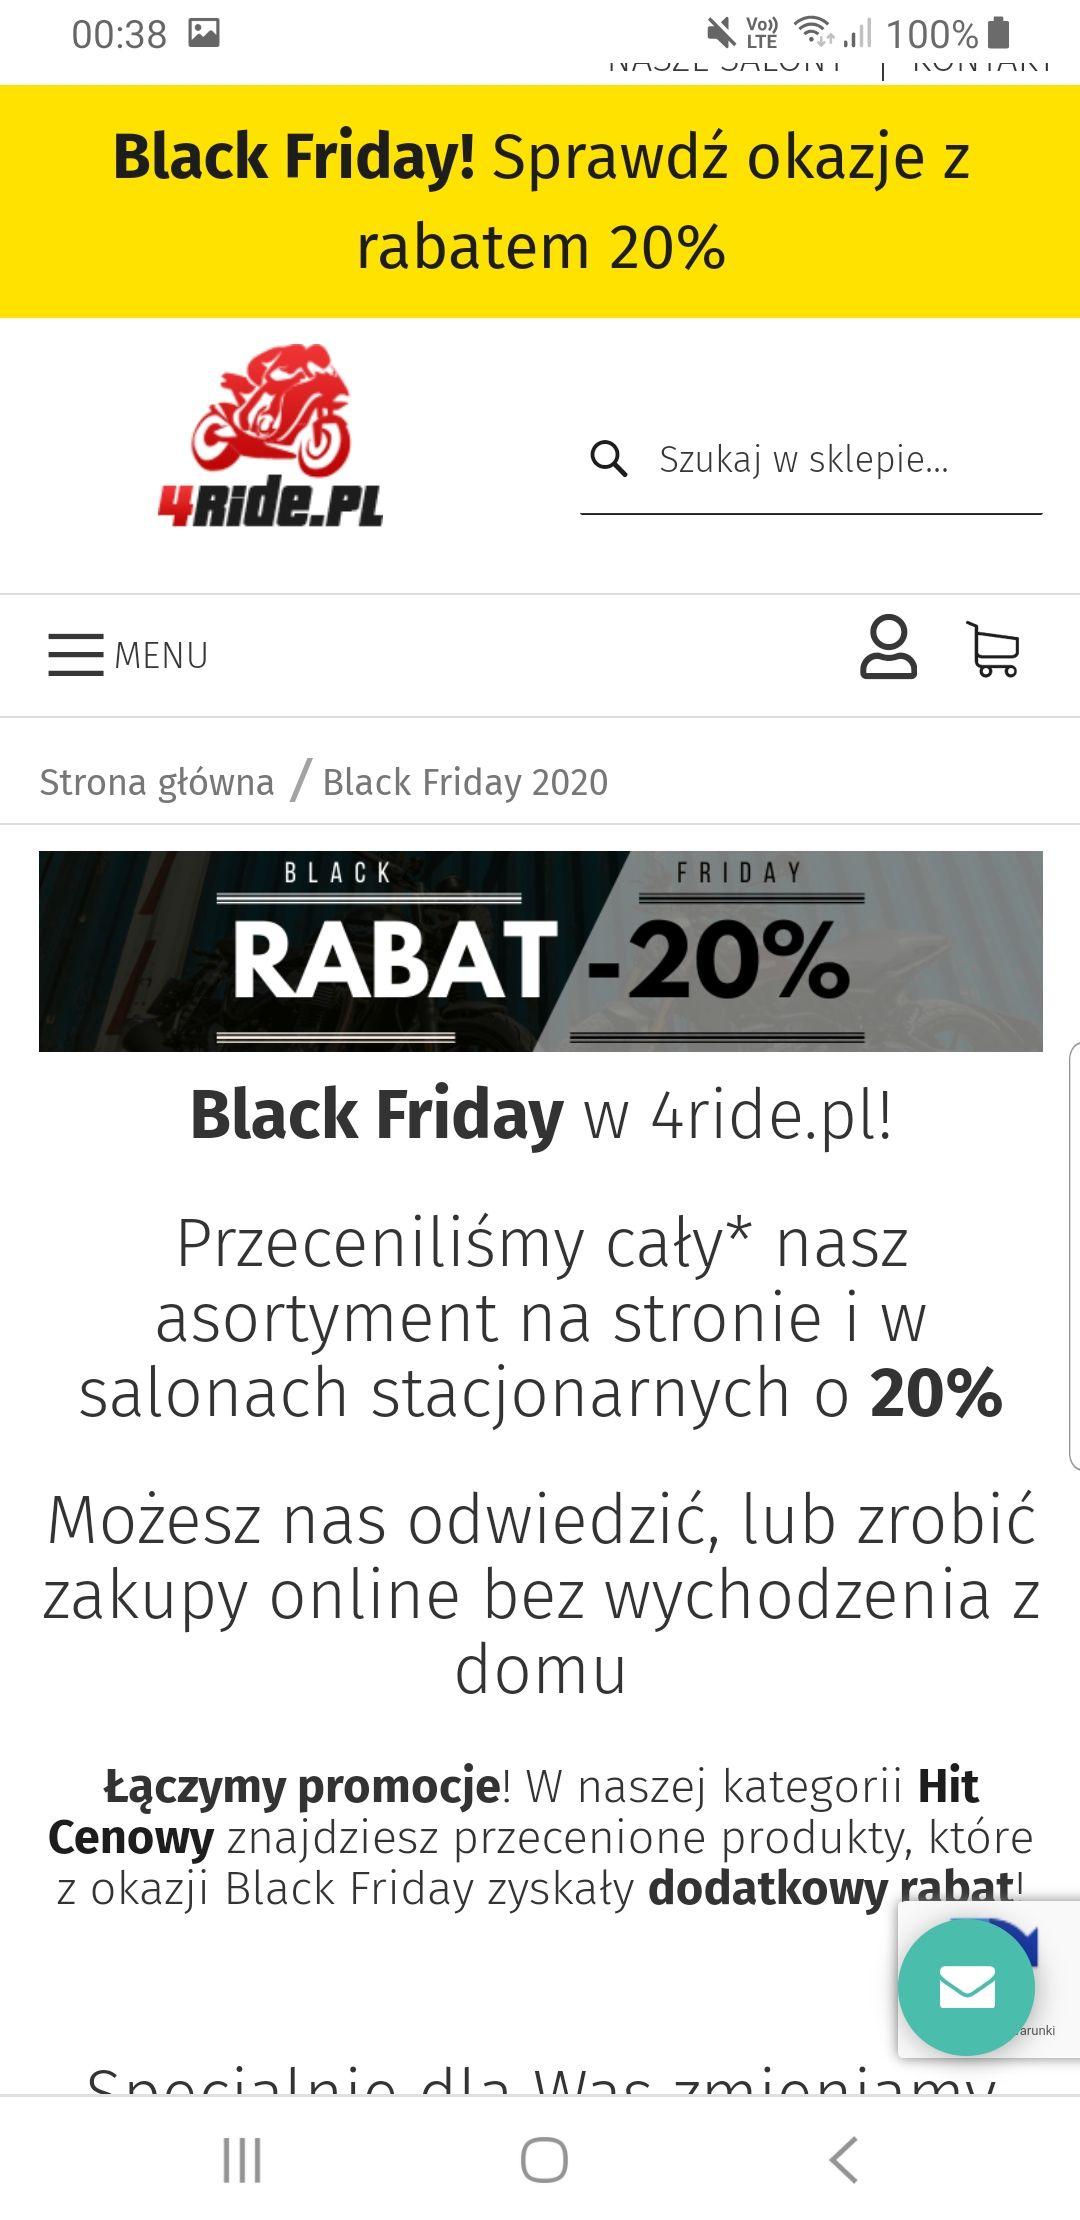 Black Fridayw 4ride.pl